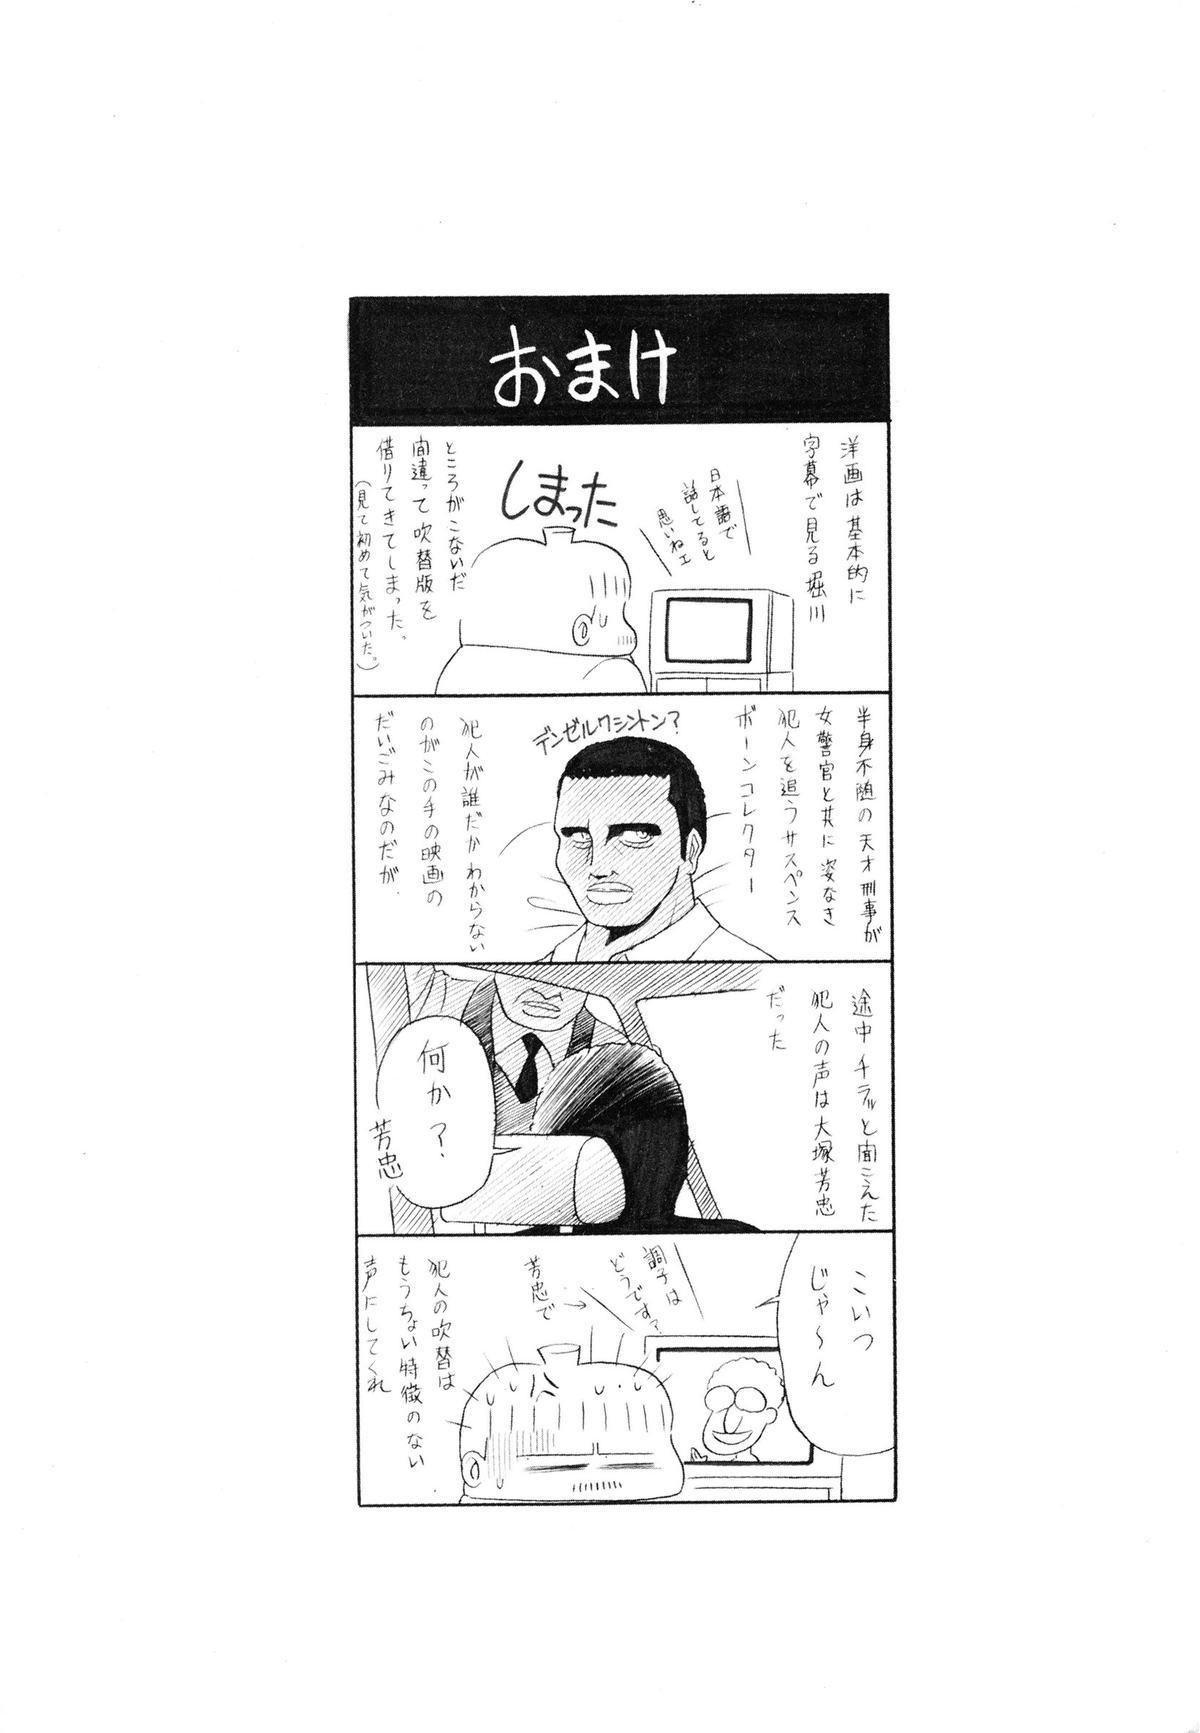 Aware na Shoujo no Hanashi 202